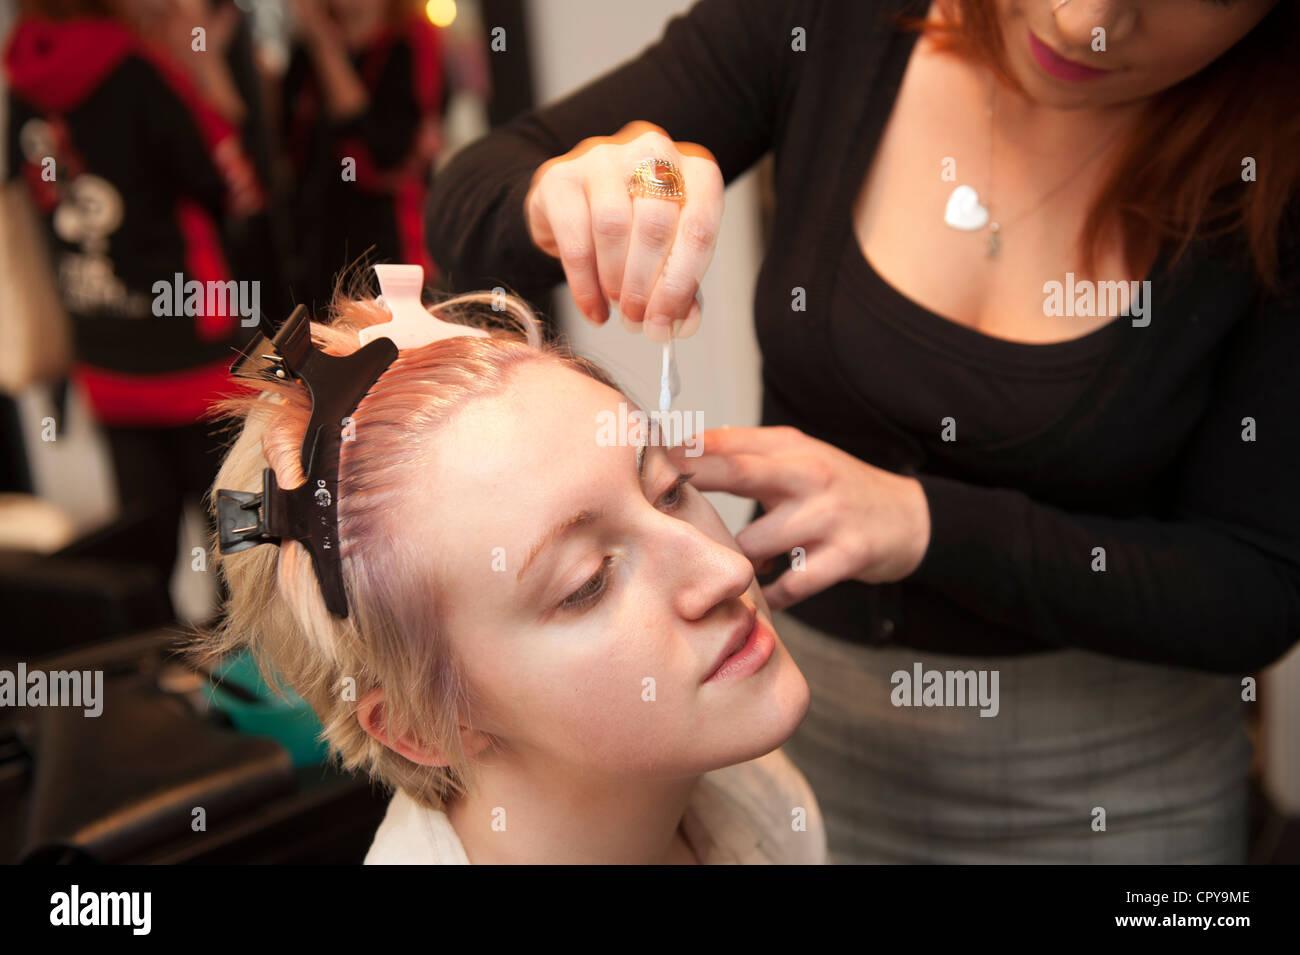 Une jeune femme ayant un cheveux et maquillage beauté make-over dans un salon, blanchiment ses sourcils, UK Banque D'Images